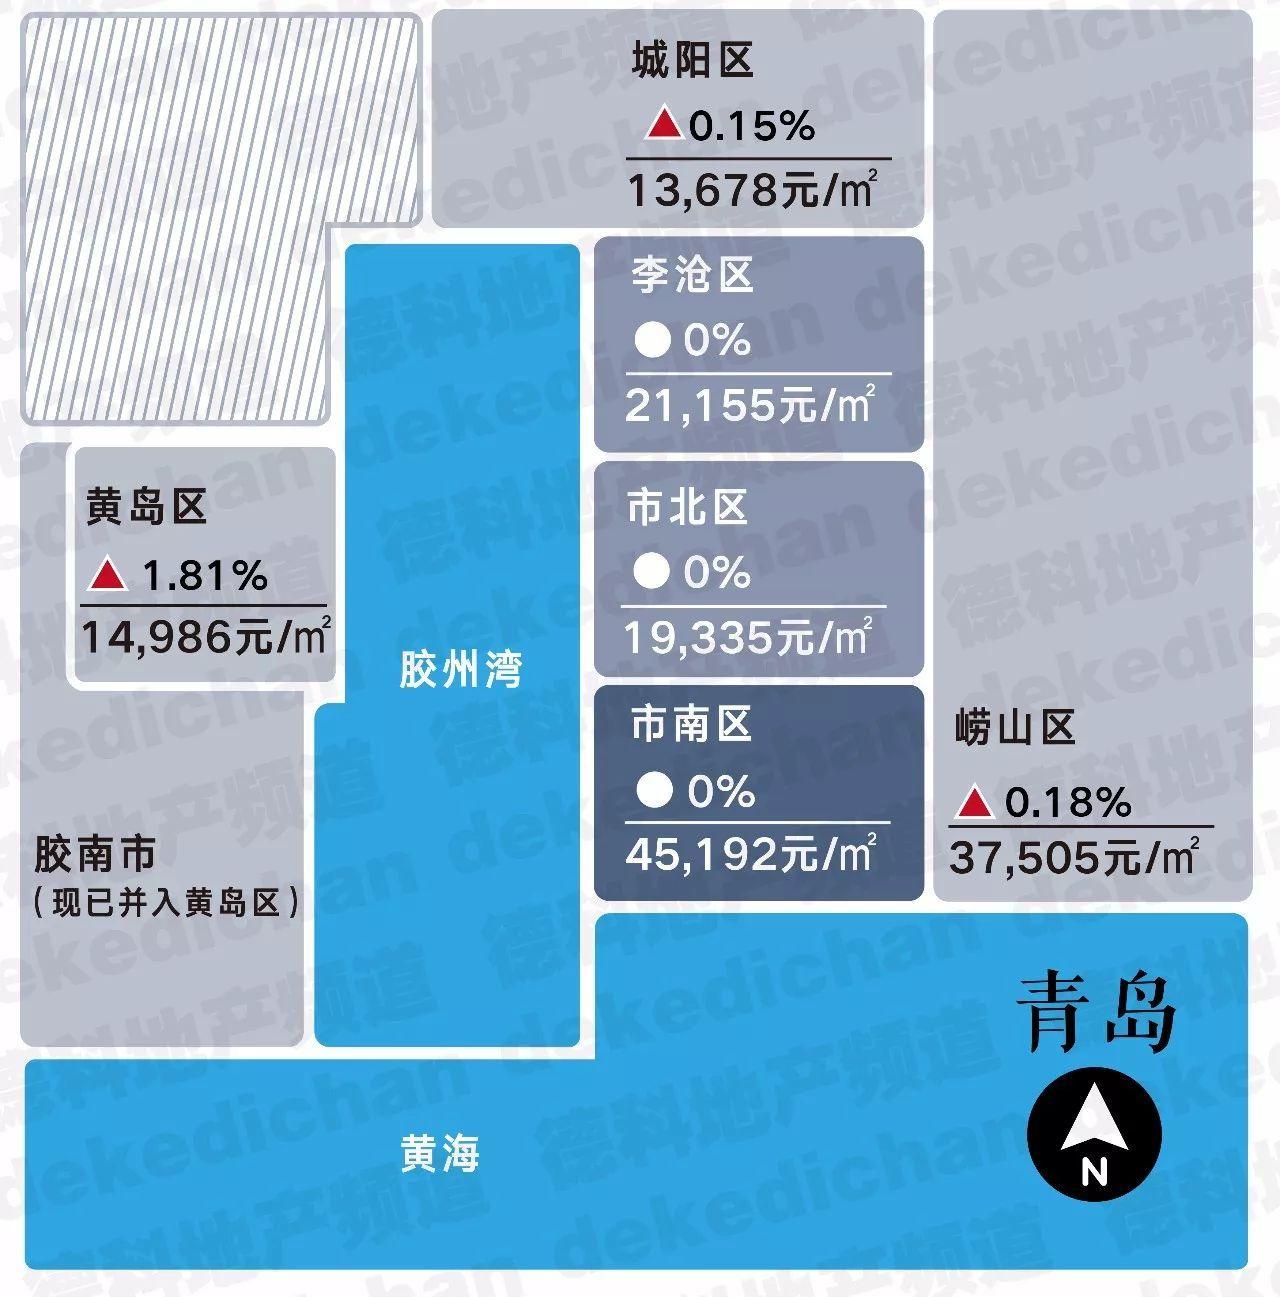 18座热门城市房价地图(11月版)�虻驴频夭�频道